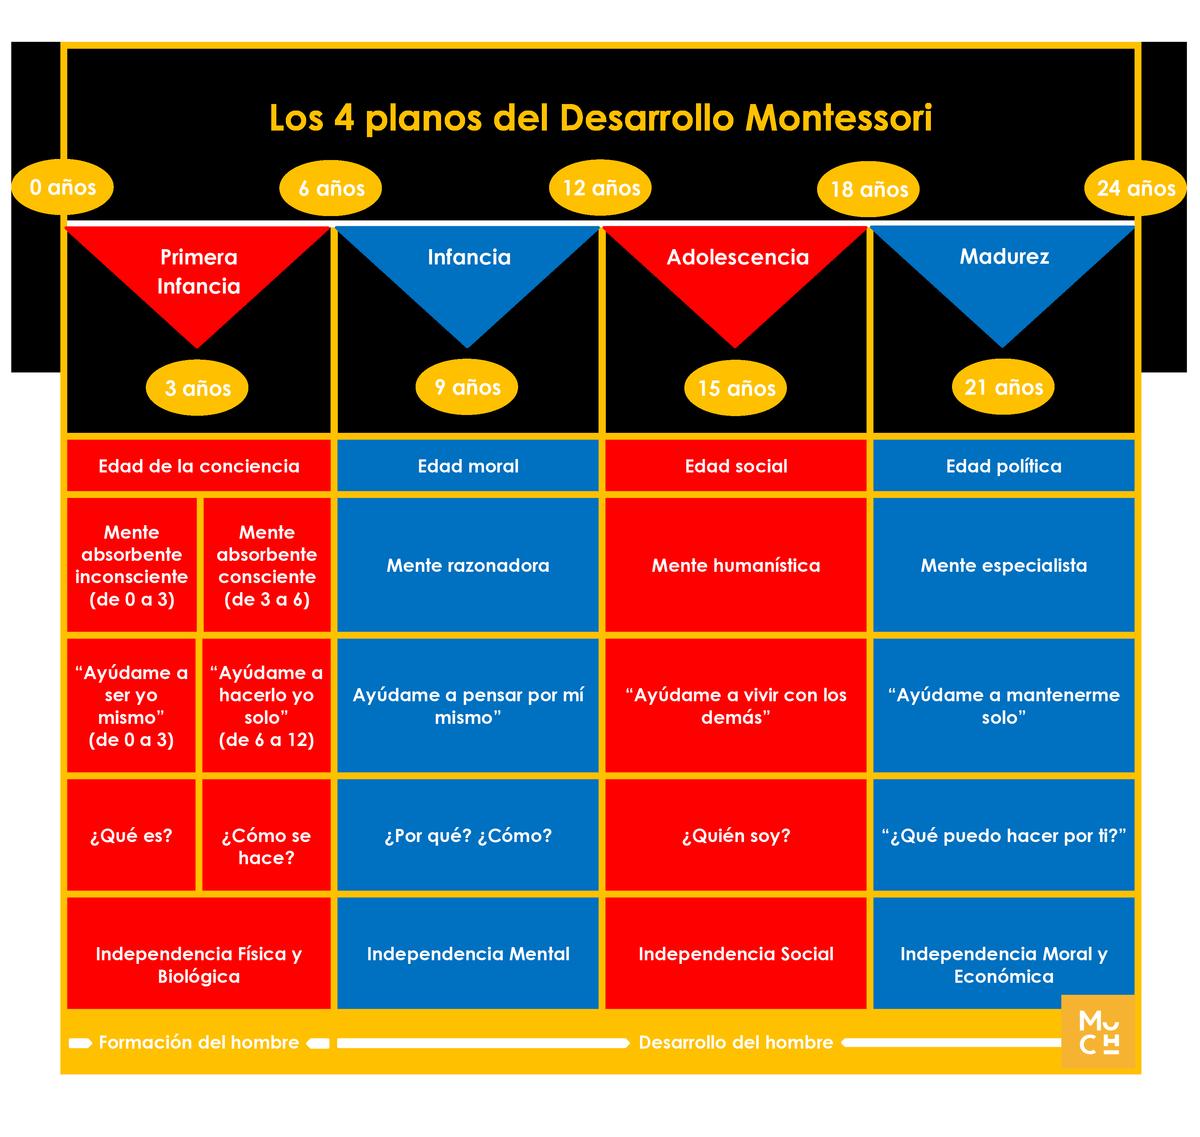 grafico-planos-del-desarrollo-montessori